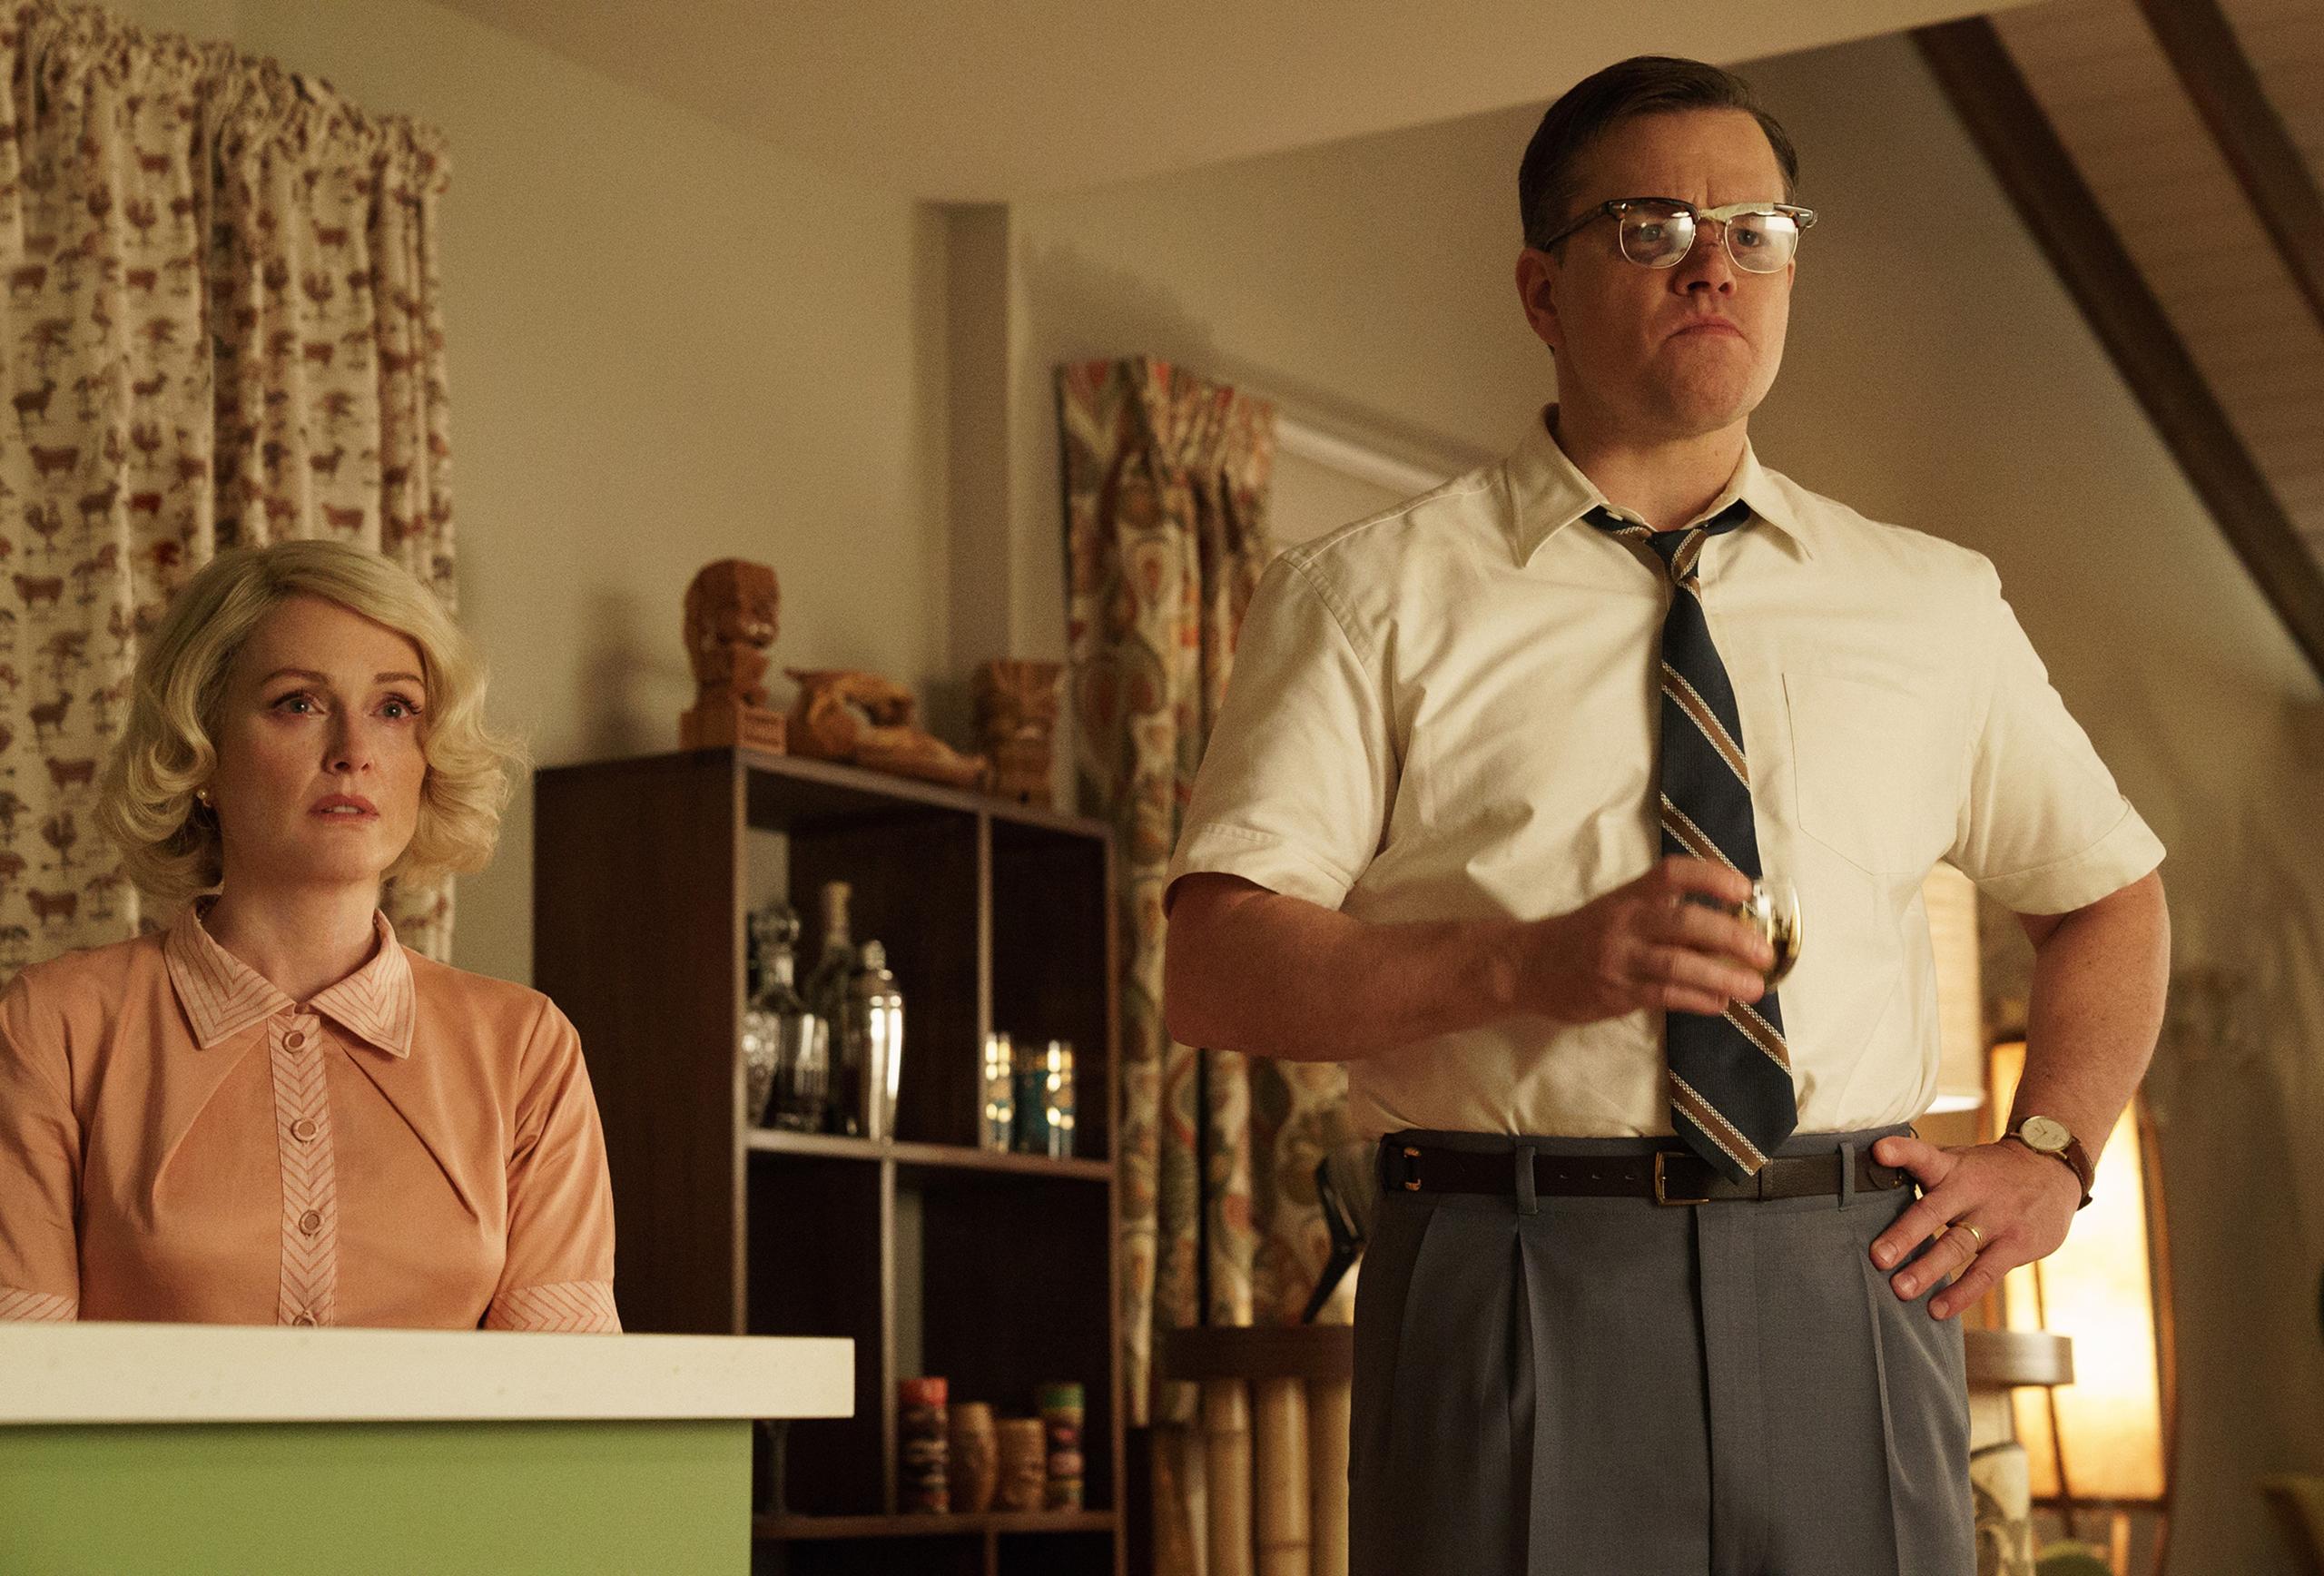 Julianne Moore as Margaret and Matt Damon as Gardner in Suburbicon.